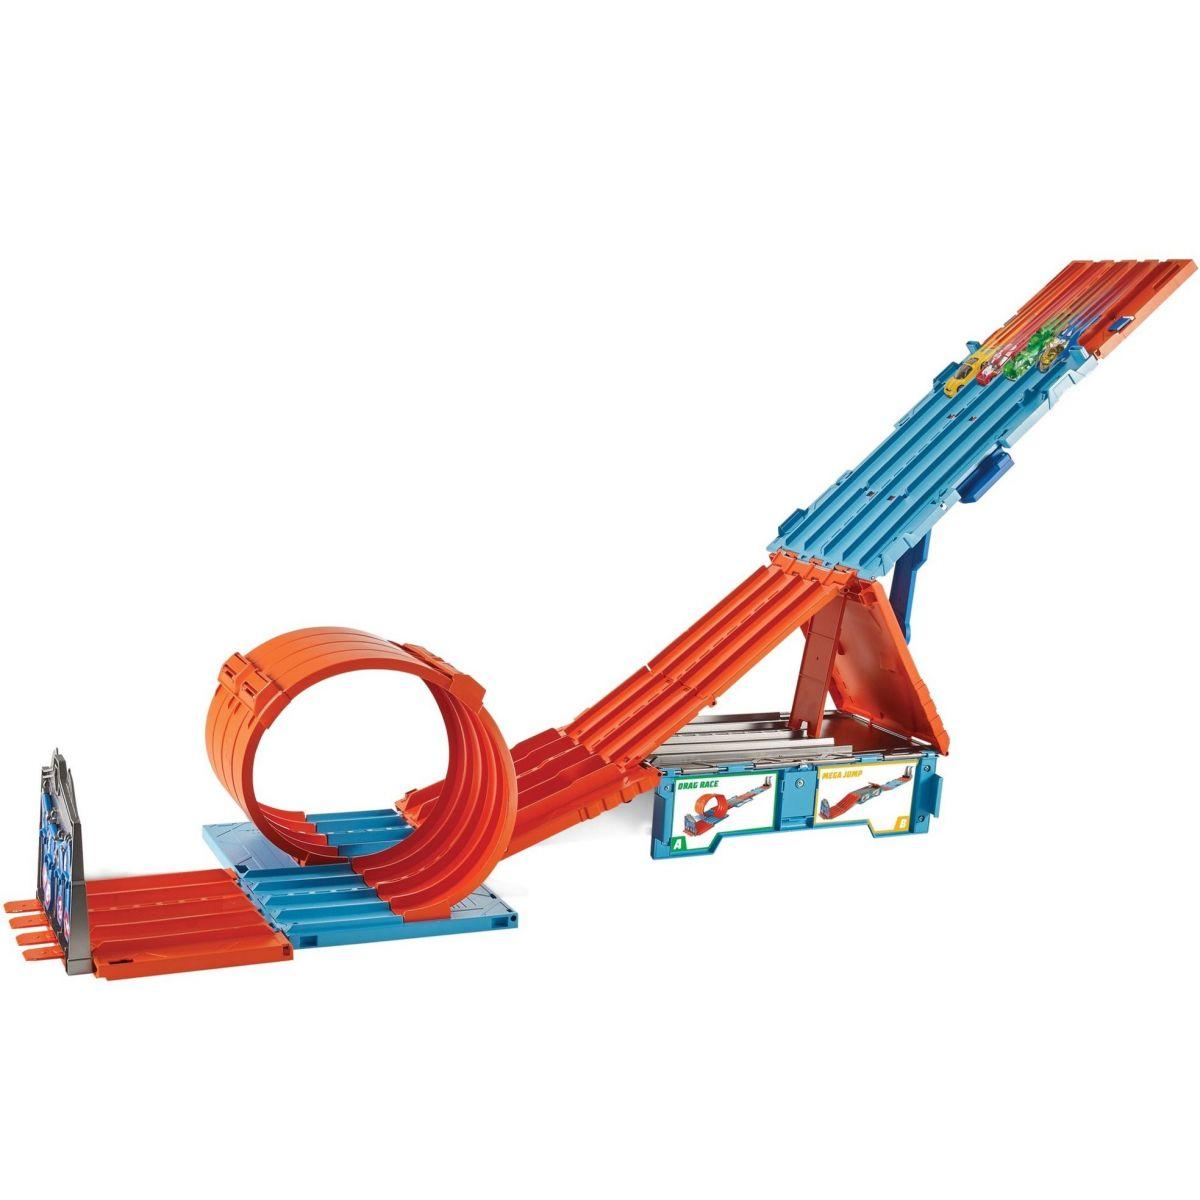 Hot Wheels track builder závodní klec